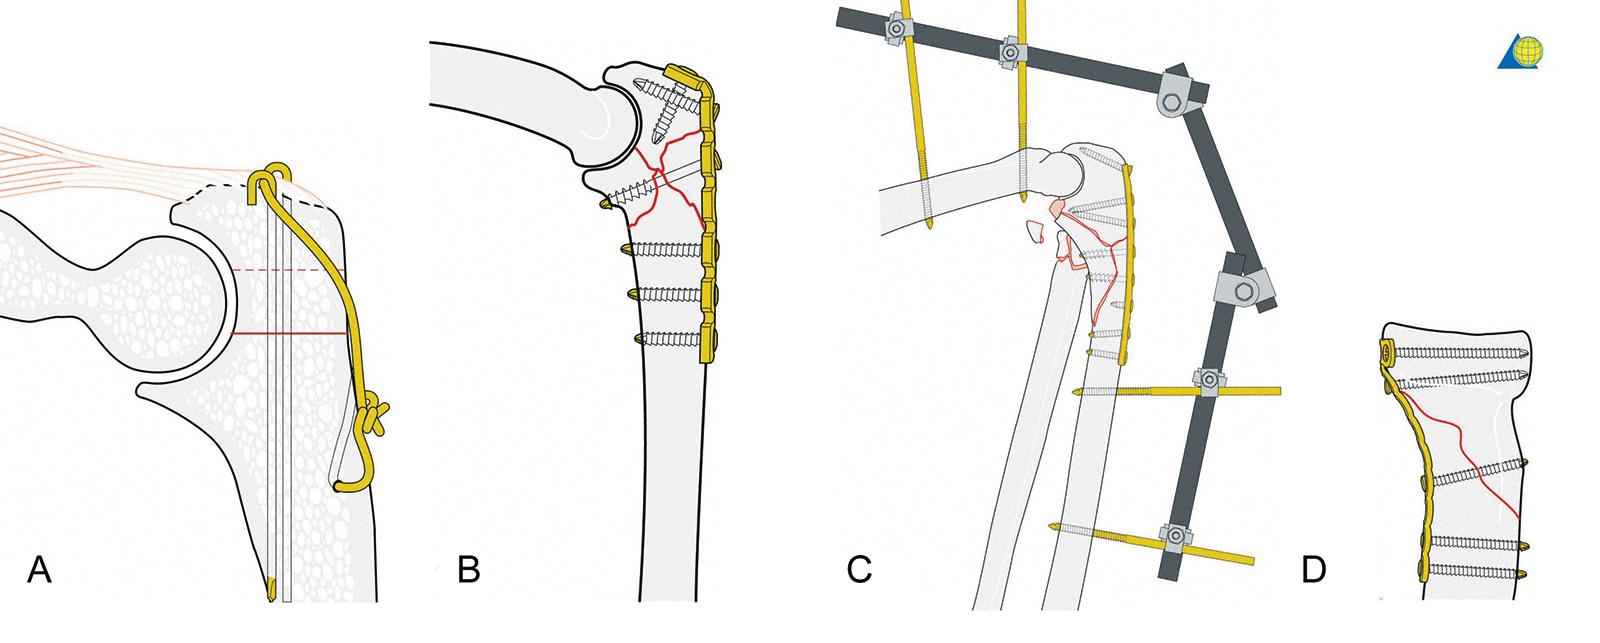 Abb. 3-81: Zuggurtungsosteosynthese einer einfachen Olekranonfraktur (A), Verplattung einer komplexeren Olekranonfraktur (B) mit zusätzlicher Anlage eines gelenkübergreifenden Fixateur (C). Osteosynthese einer Radiusköpfchenfraktur mit einer Miniplatte (D